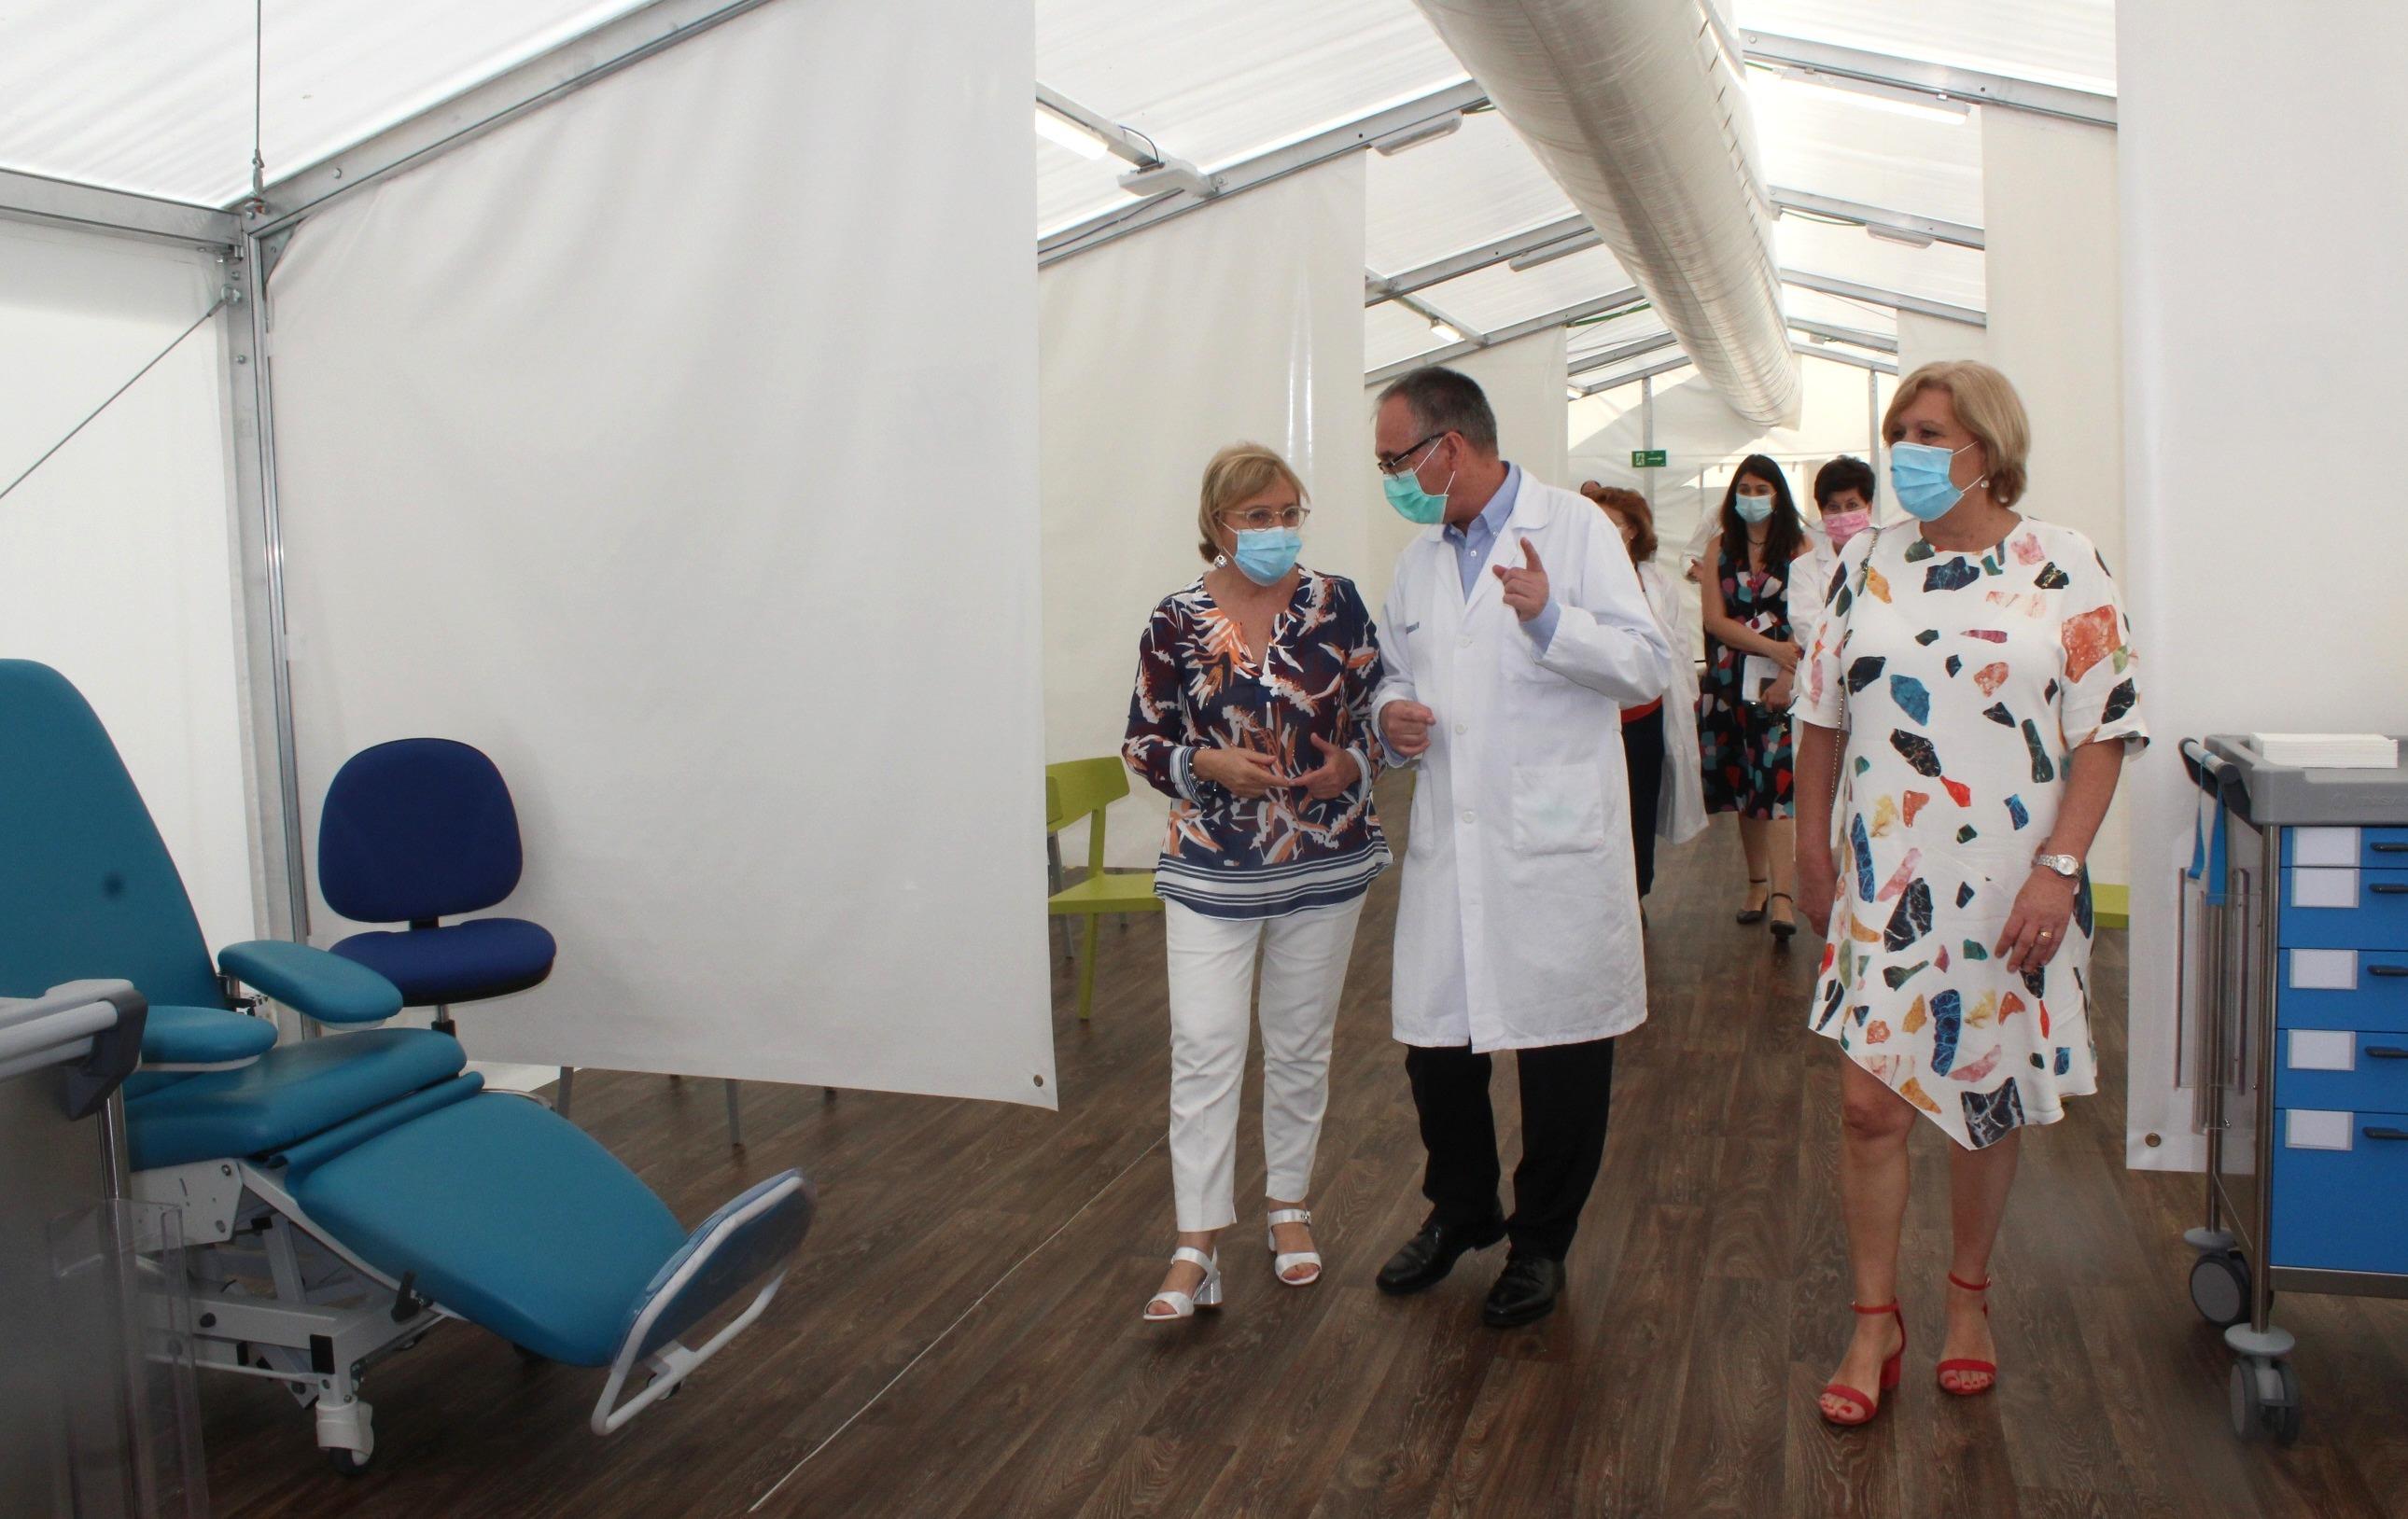 """Barceló: """"Todos los recursos sanitarios se han ido adaptando a las necesidades asistenciales de cada momento durante la pandemia"""""""